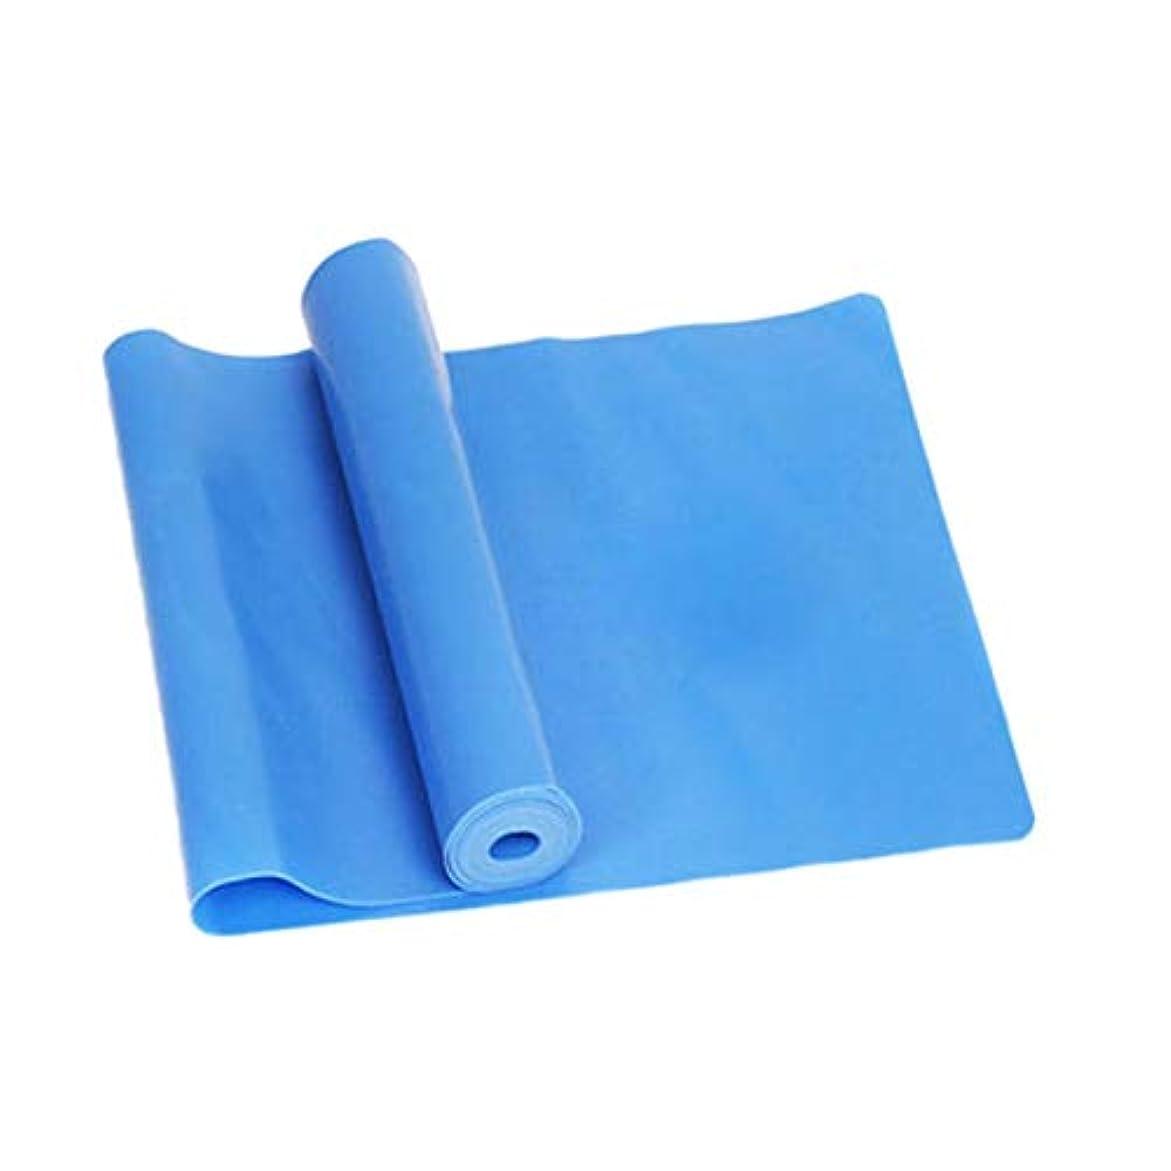 精神的にパックリハーサルスポーツジムフィットネスヨガ機器筋力トレーニング弾性抵抗バンドトレーニングヨガゴムループスポーツピラティスバンド-ブルー